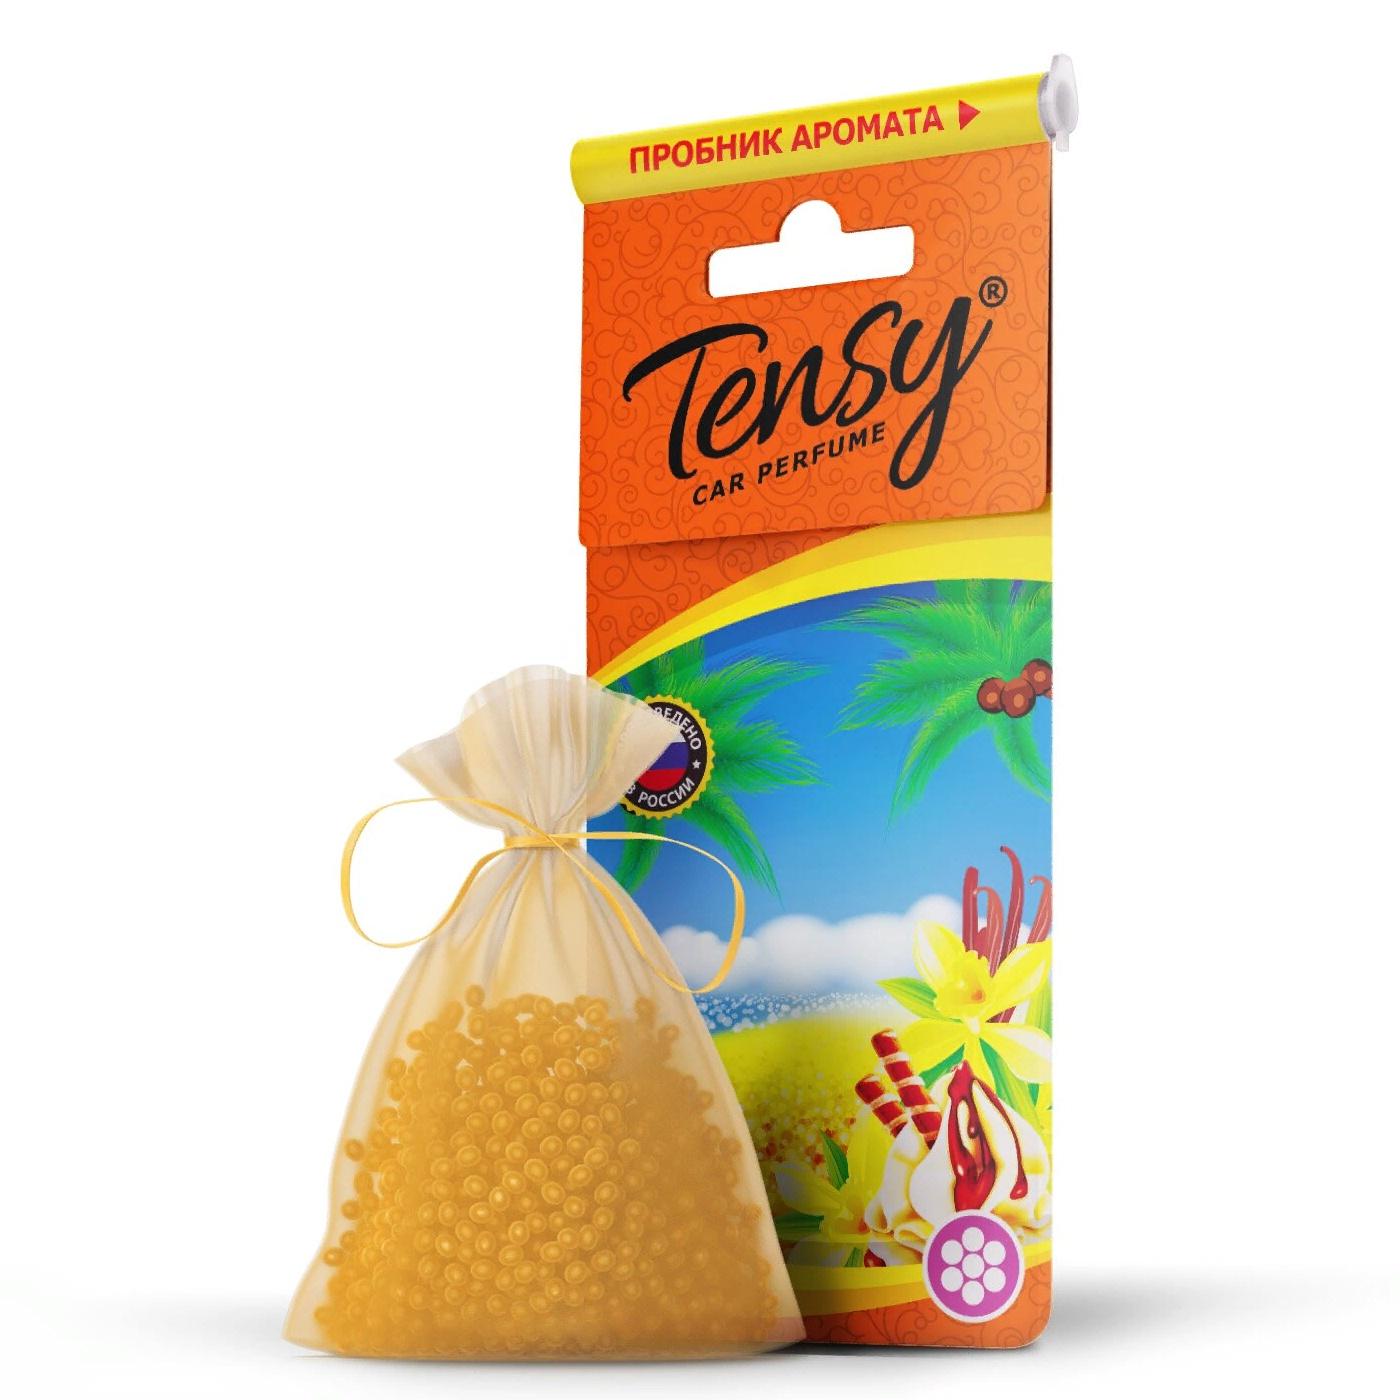 Автомобильный ароматизатор Tensy мешочек, основа гранулы, Ваниль мешочек ароматизатор 4 буквы